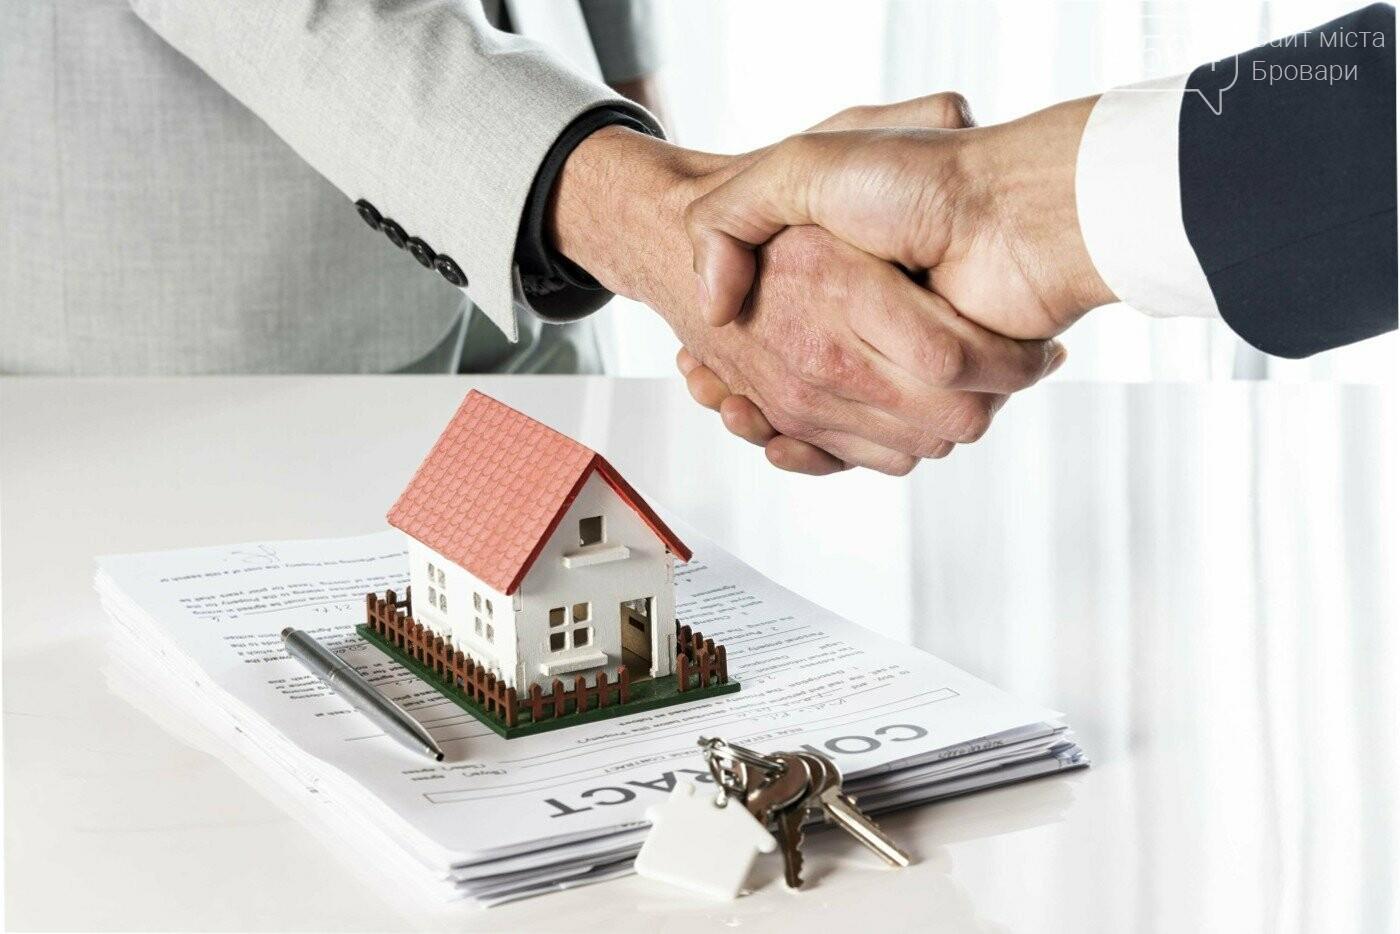 Як за допомогою кредиту можна врятувати бізнес в період пандемії, фото-1